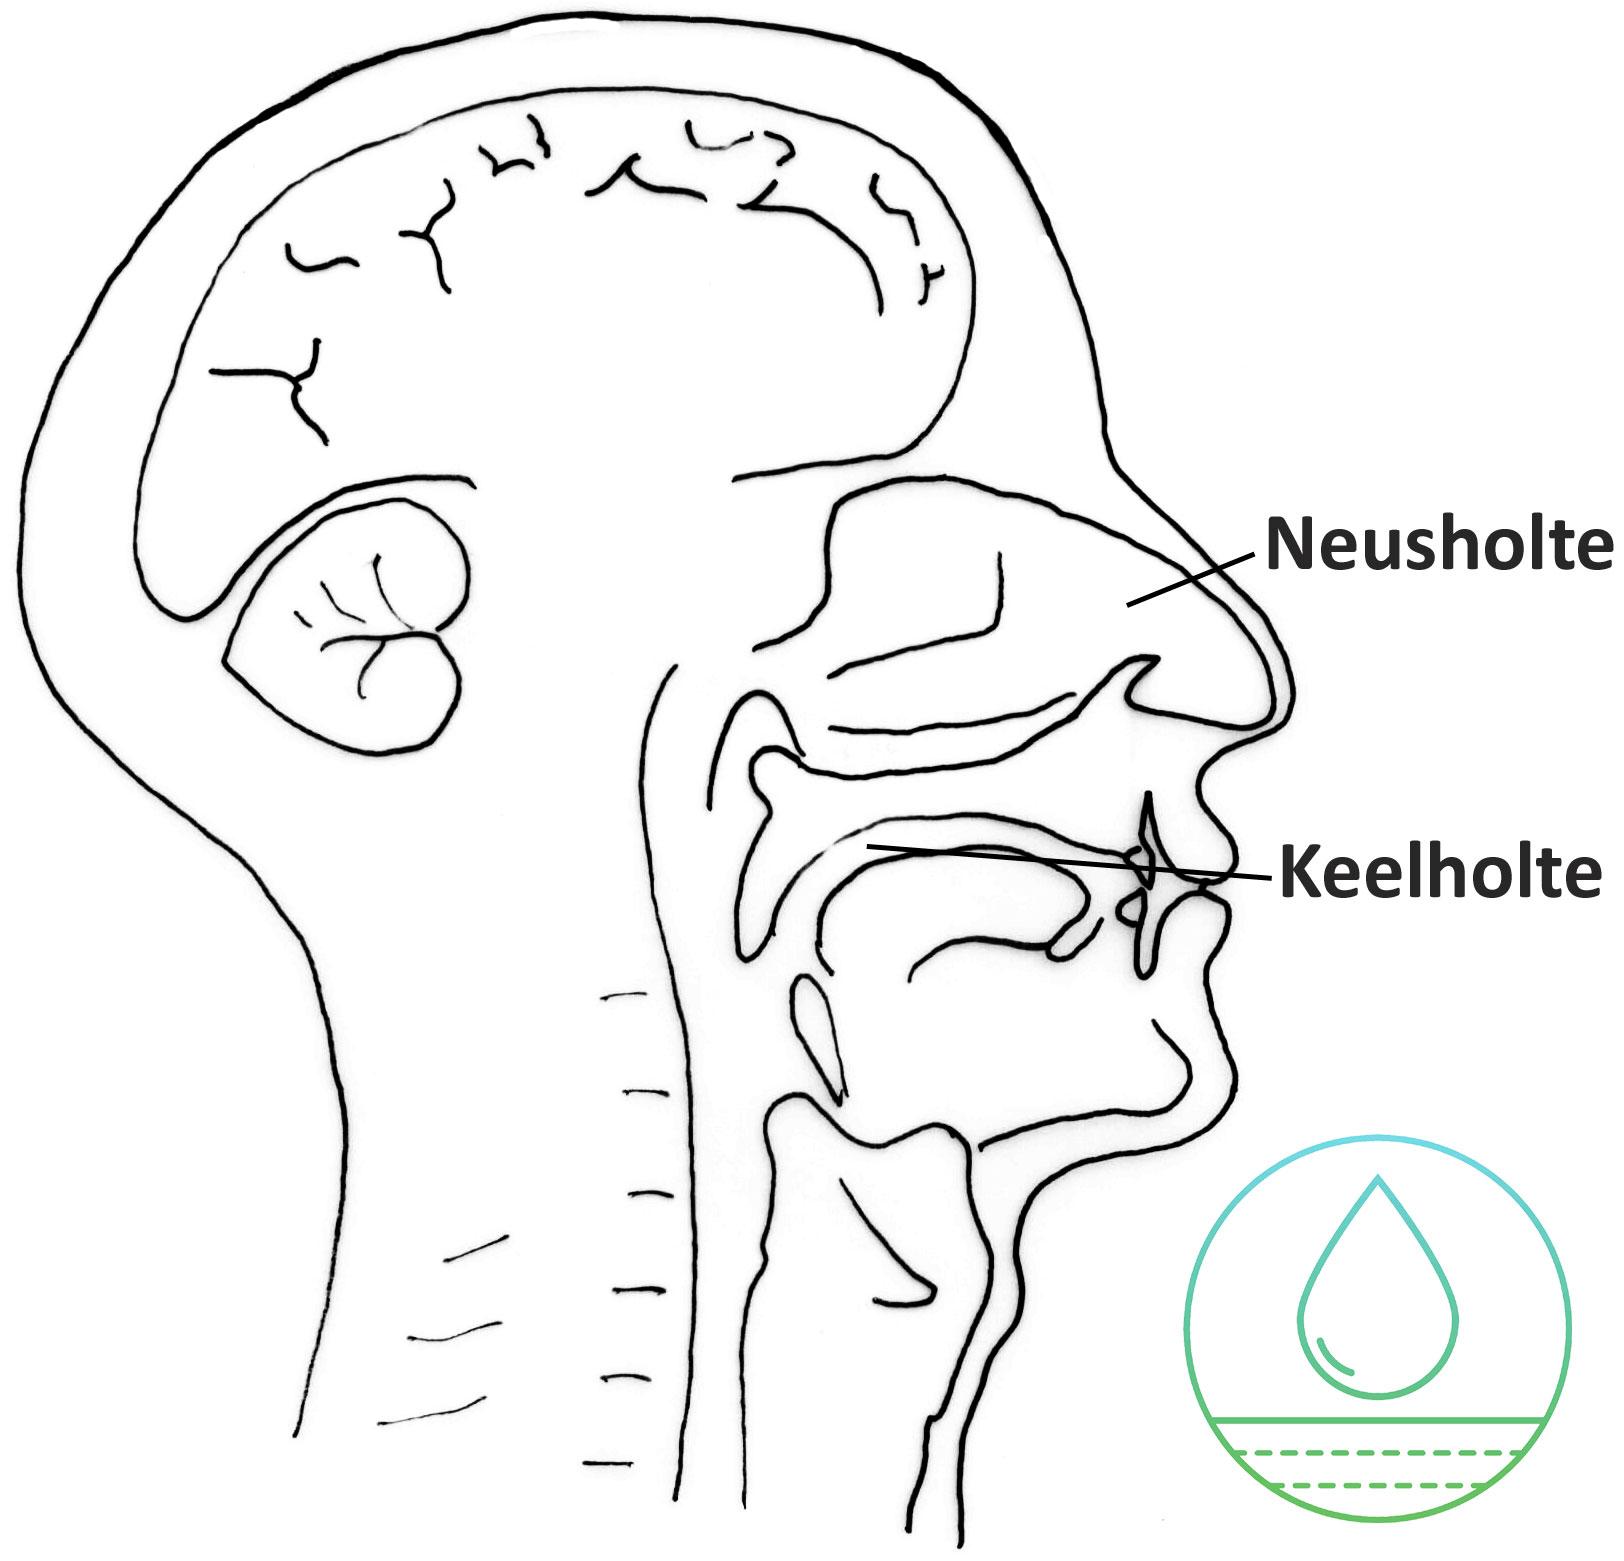 Het is belangrijk om keel- en neusholten schoon en vrij van kapha te houden.